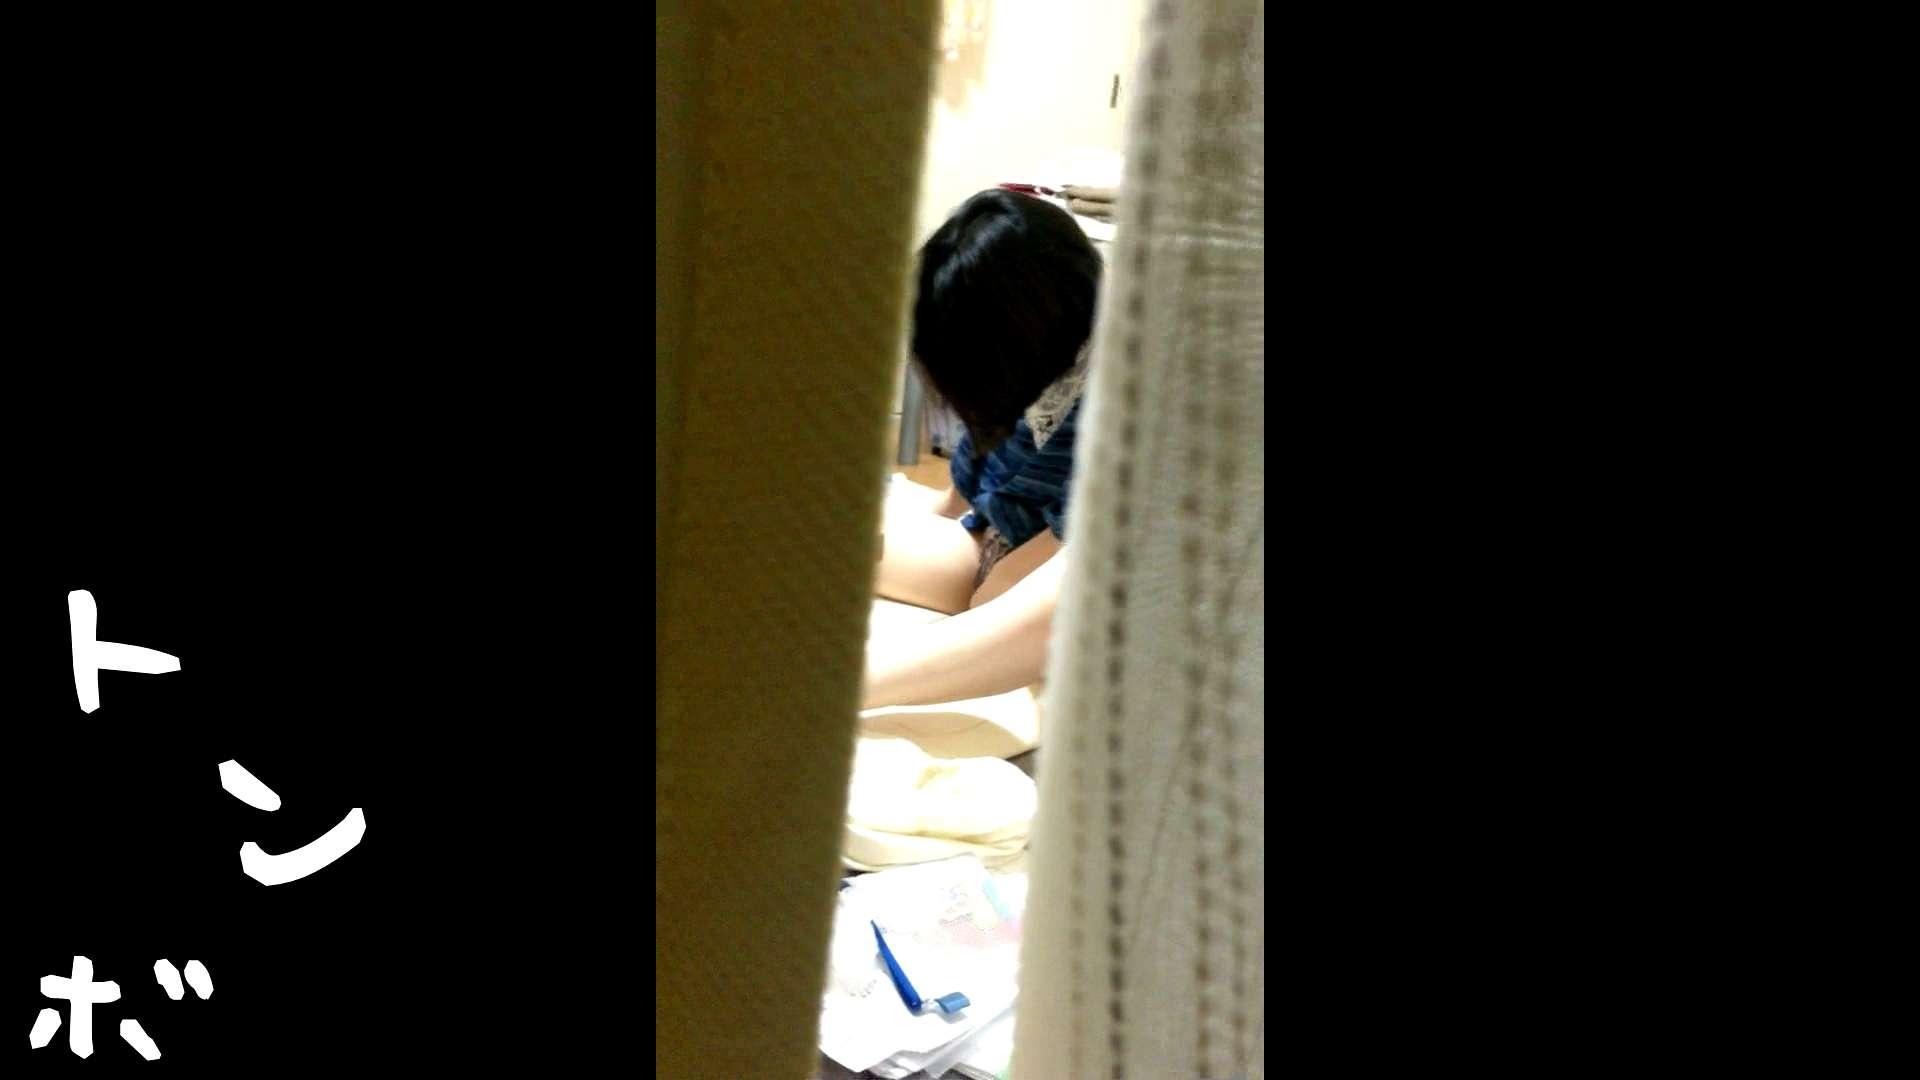 リアル盗撮 作家志望J子 アソコのお手入れ最中に感じてパンツを湿らす 盗撮  105pic 35